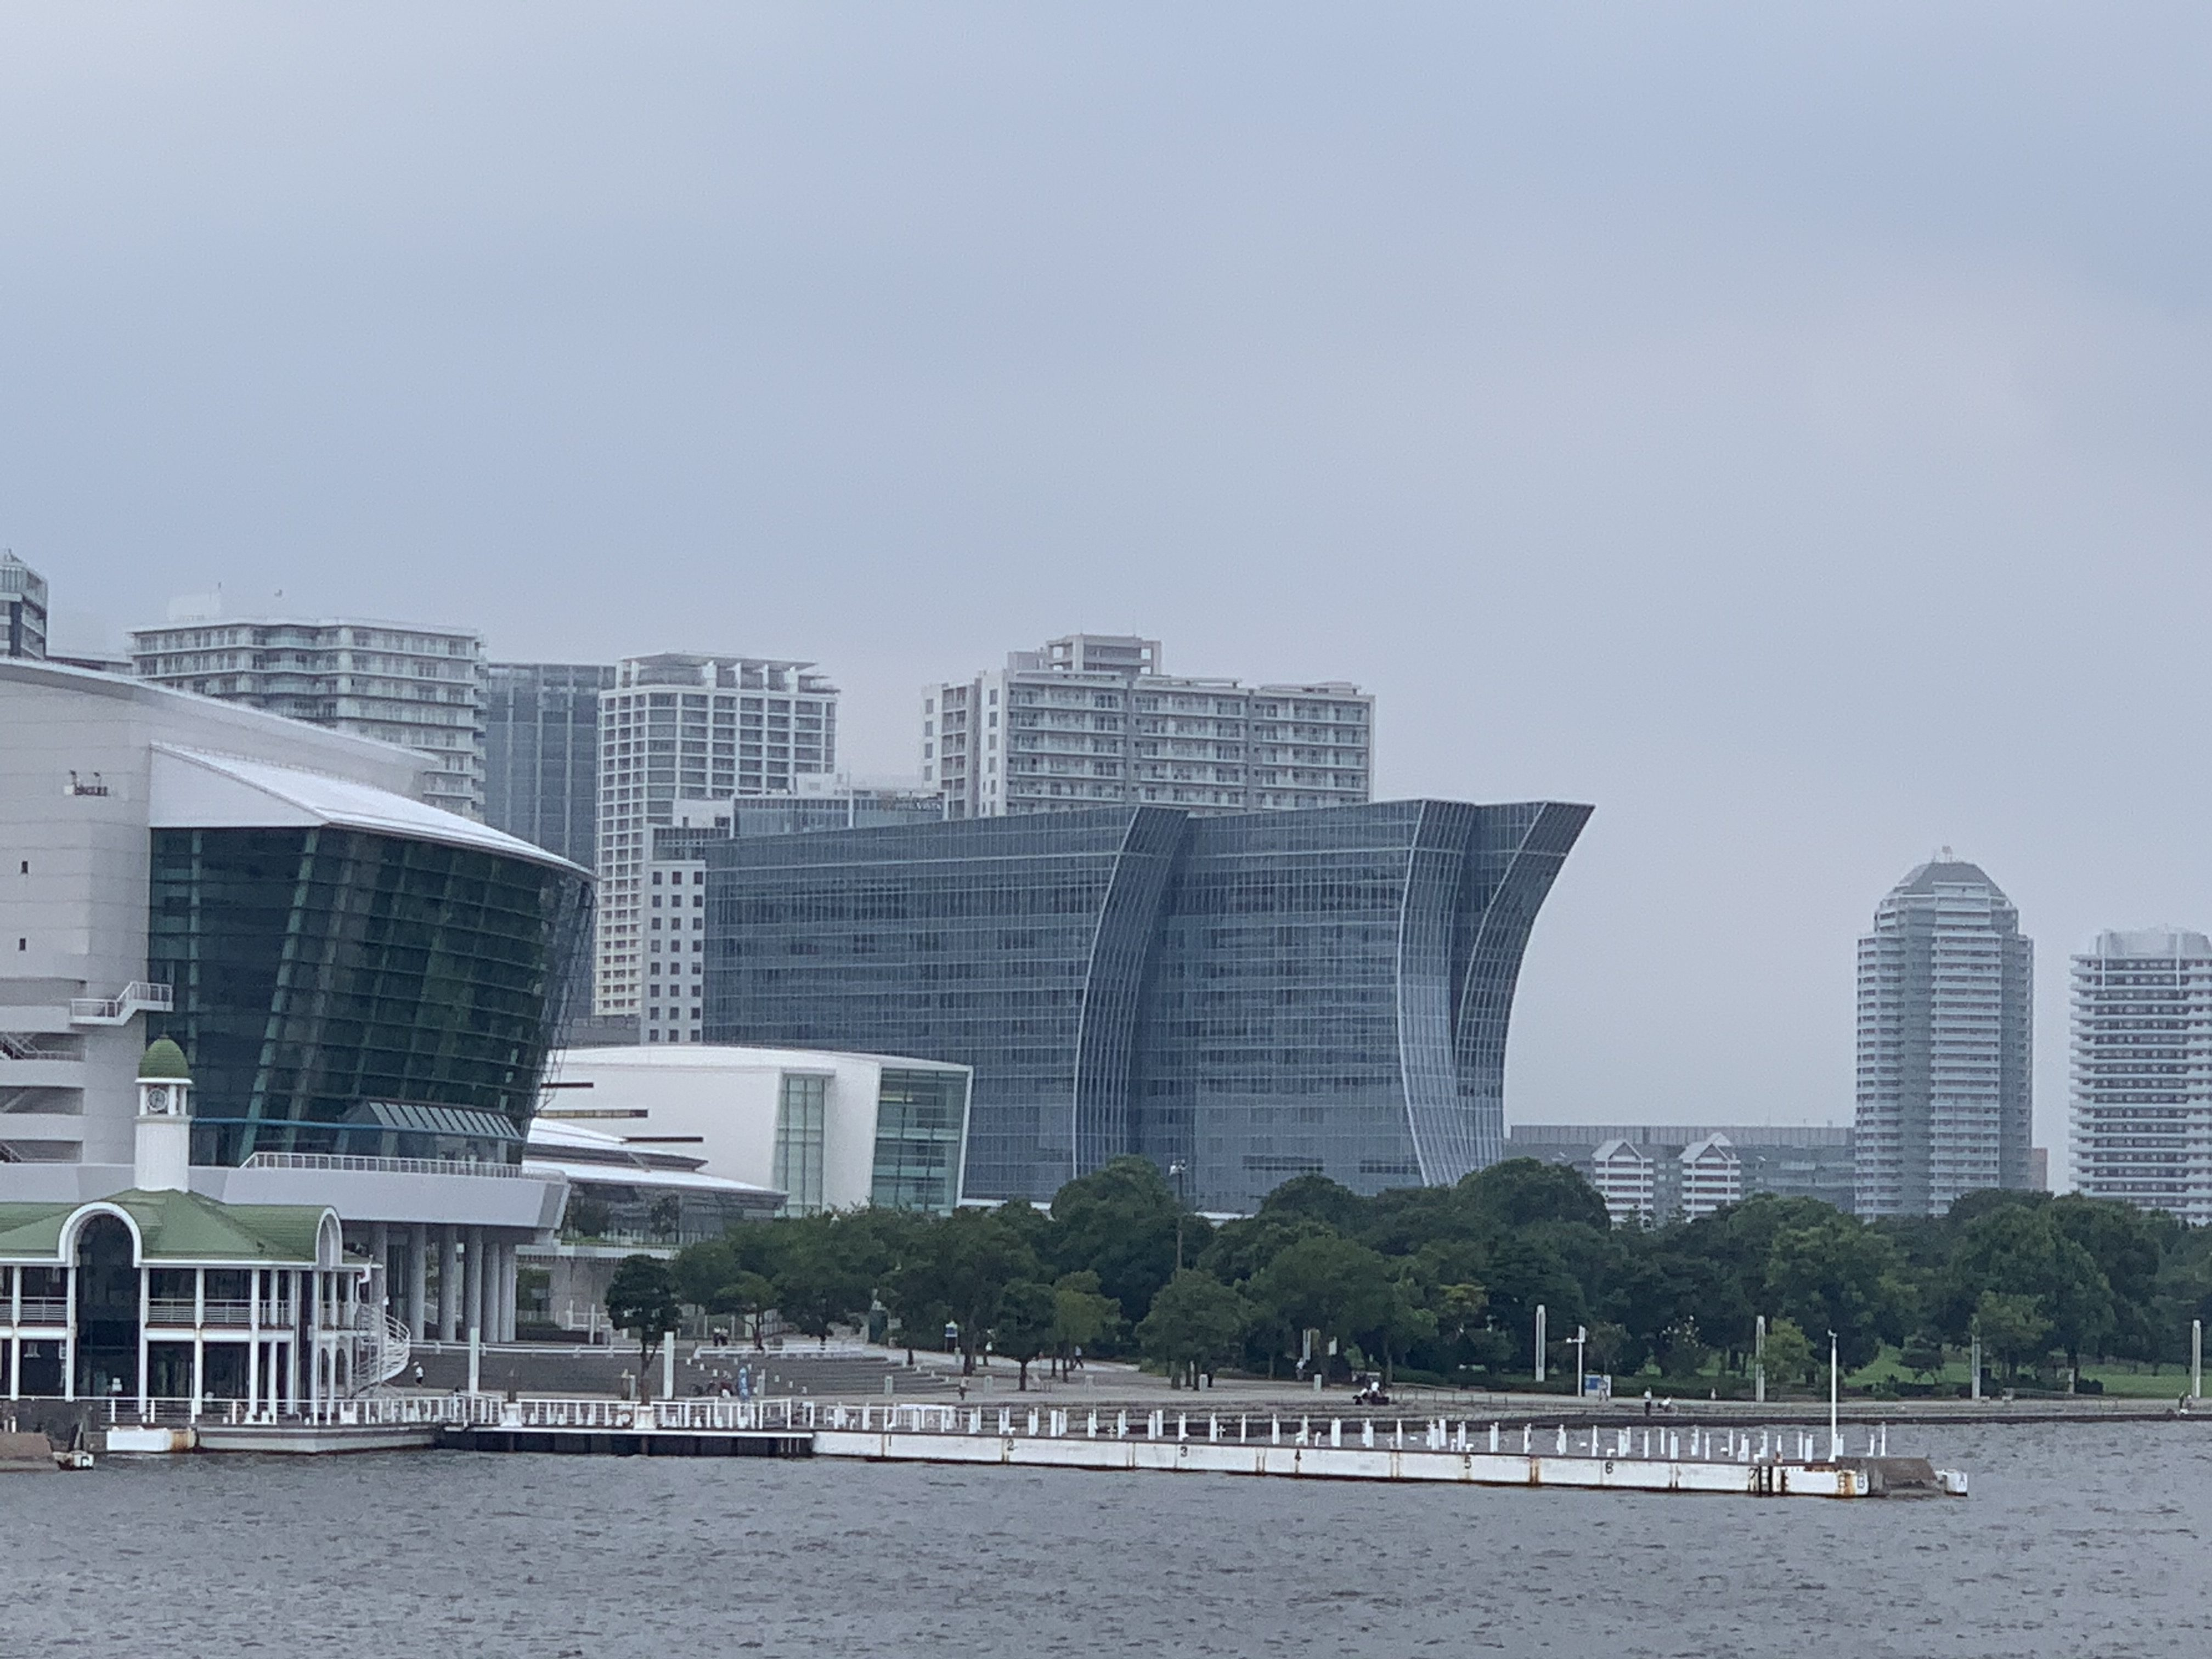 新港ふ頭ハンマーヘッド「新たな横浜の名所に」パークとデッキが完成